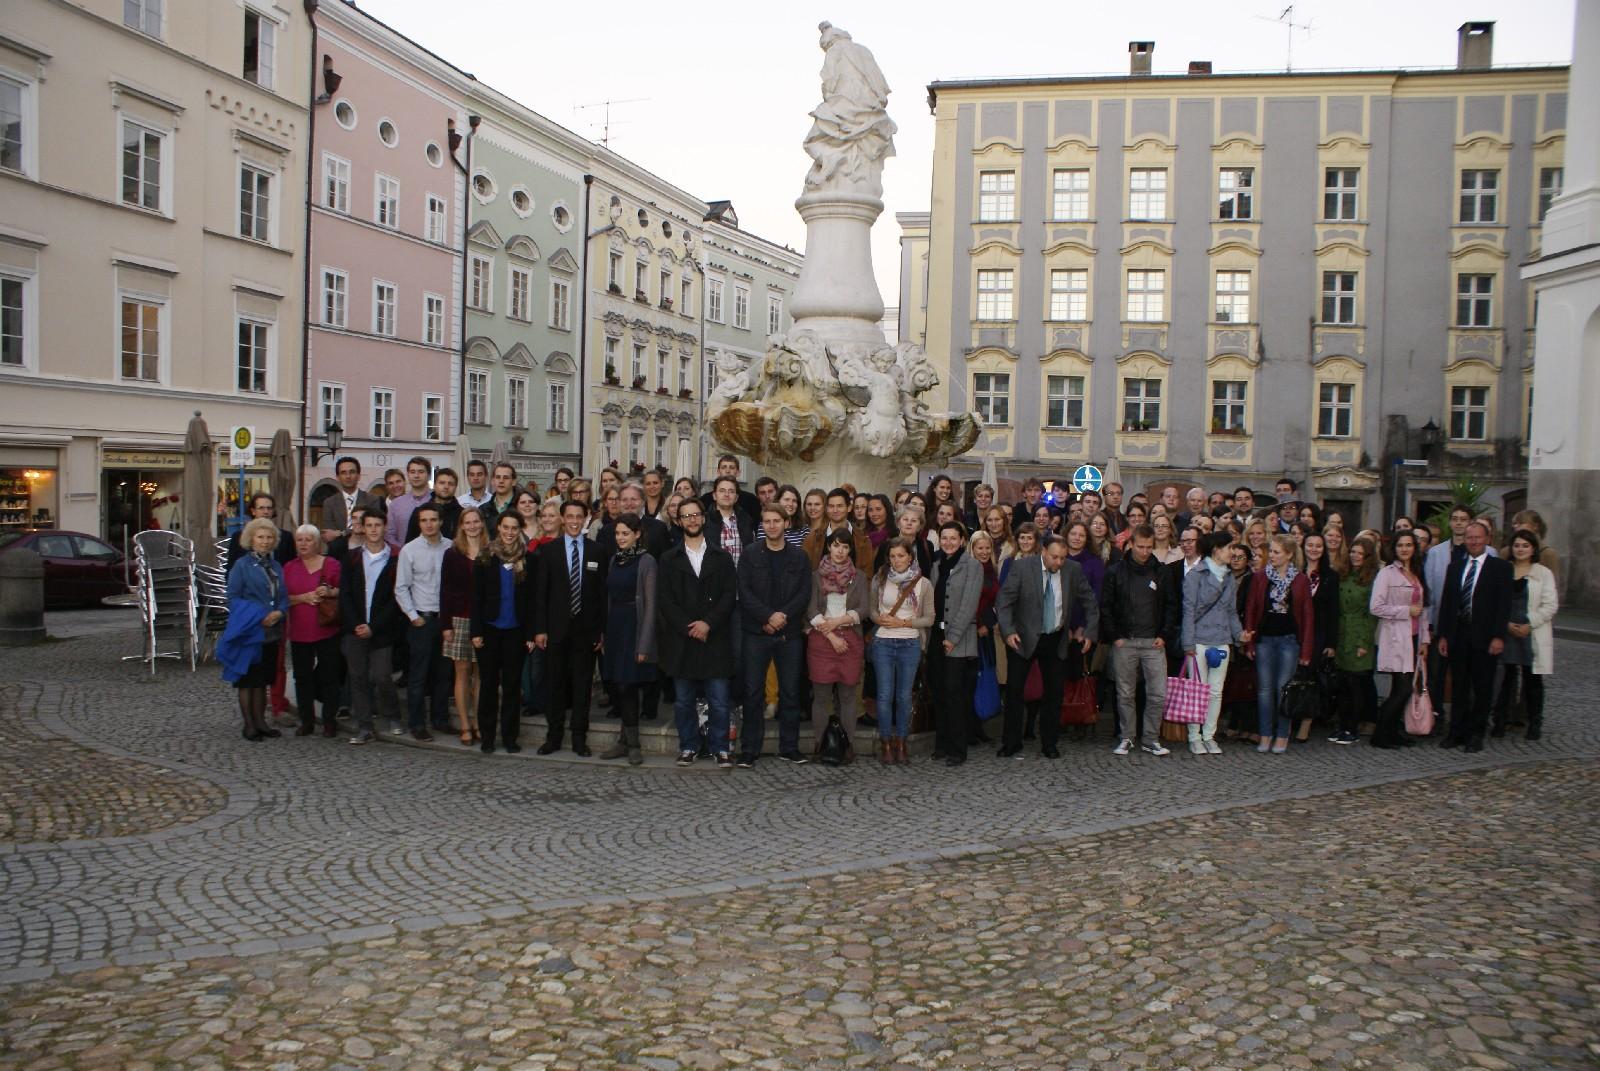 Die Teilnehmer und Teilnehmerinnen des Deutsch-Tschechischen Rechtsfestivals